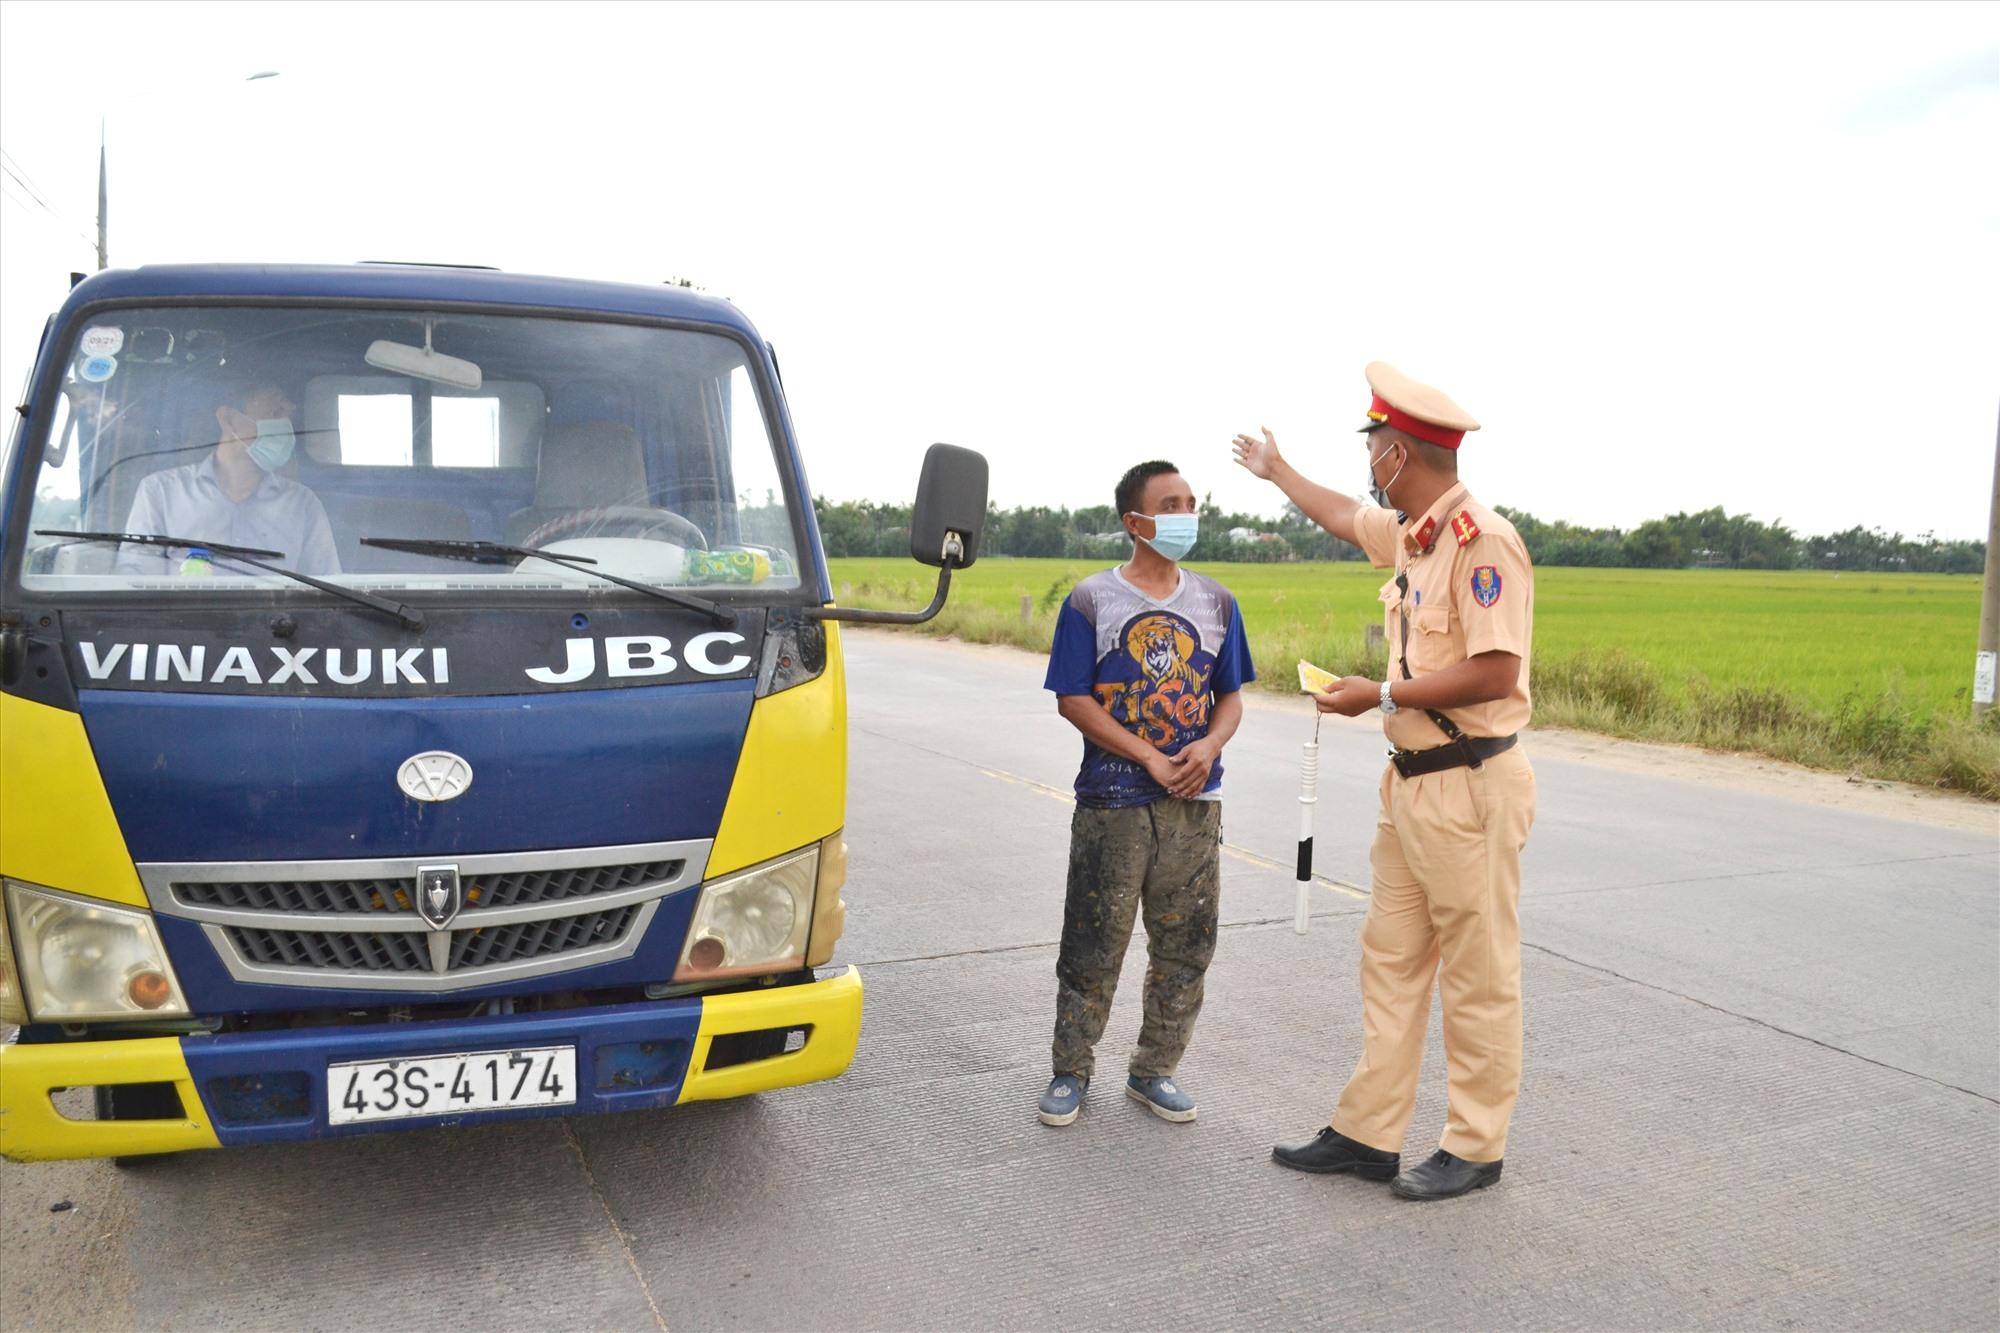 Cảnh sát giao thông kiểm tra, hướng dẫn phương tiện đi đúng luồng tuyến quy định để đảm bảo phòng dịch Covid-19. Ảnh: CT